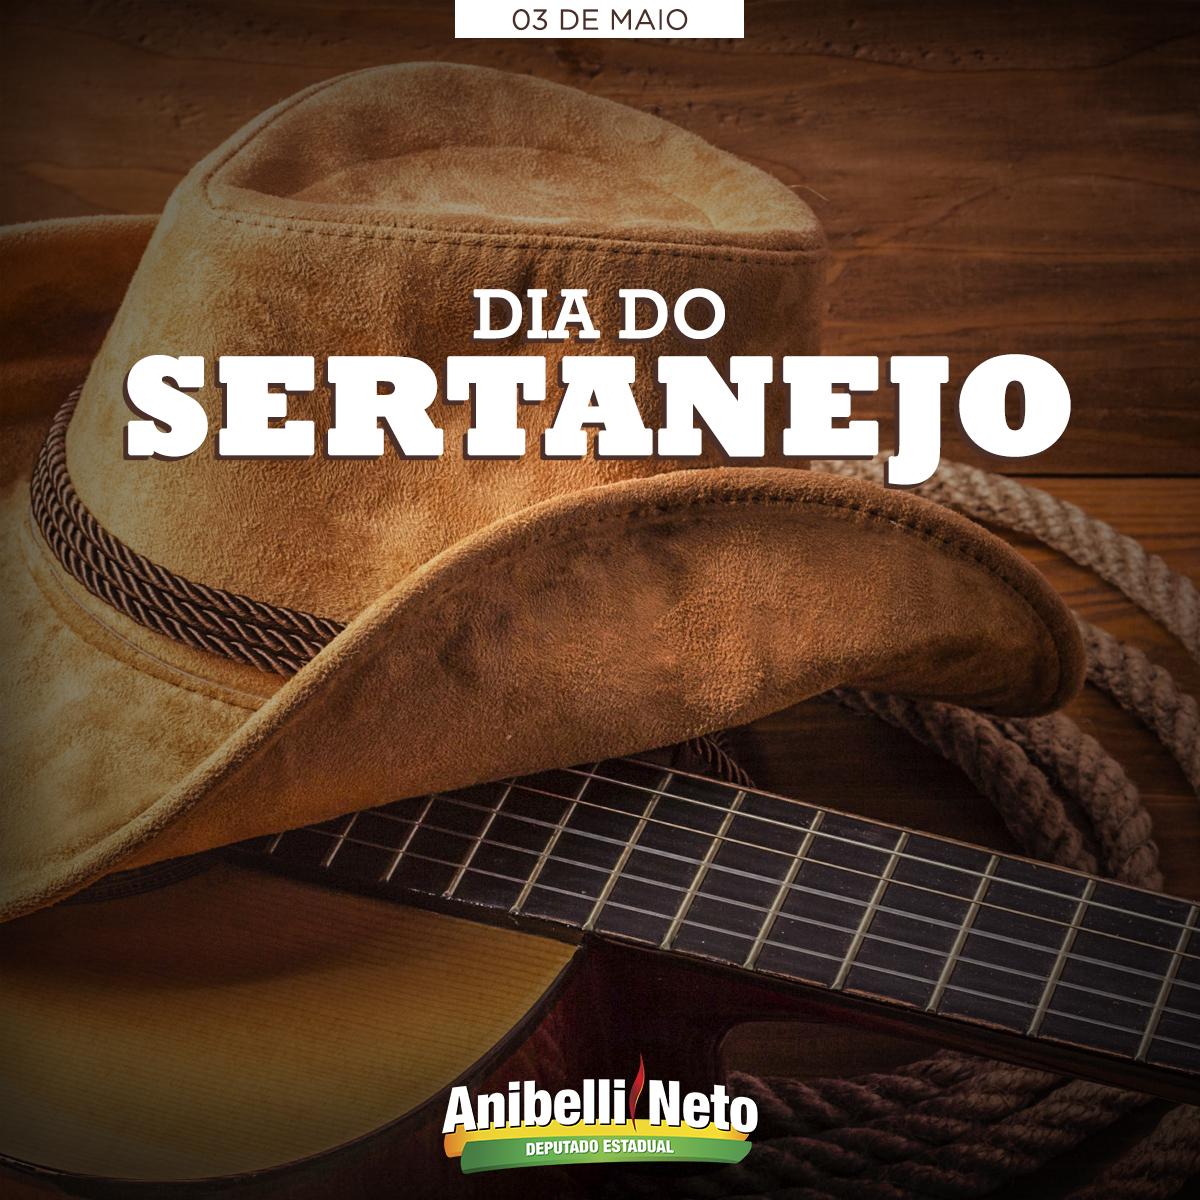 Dia do Sertanejo